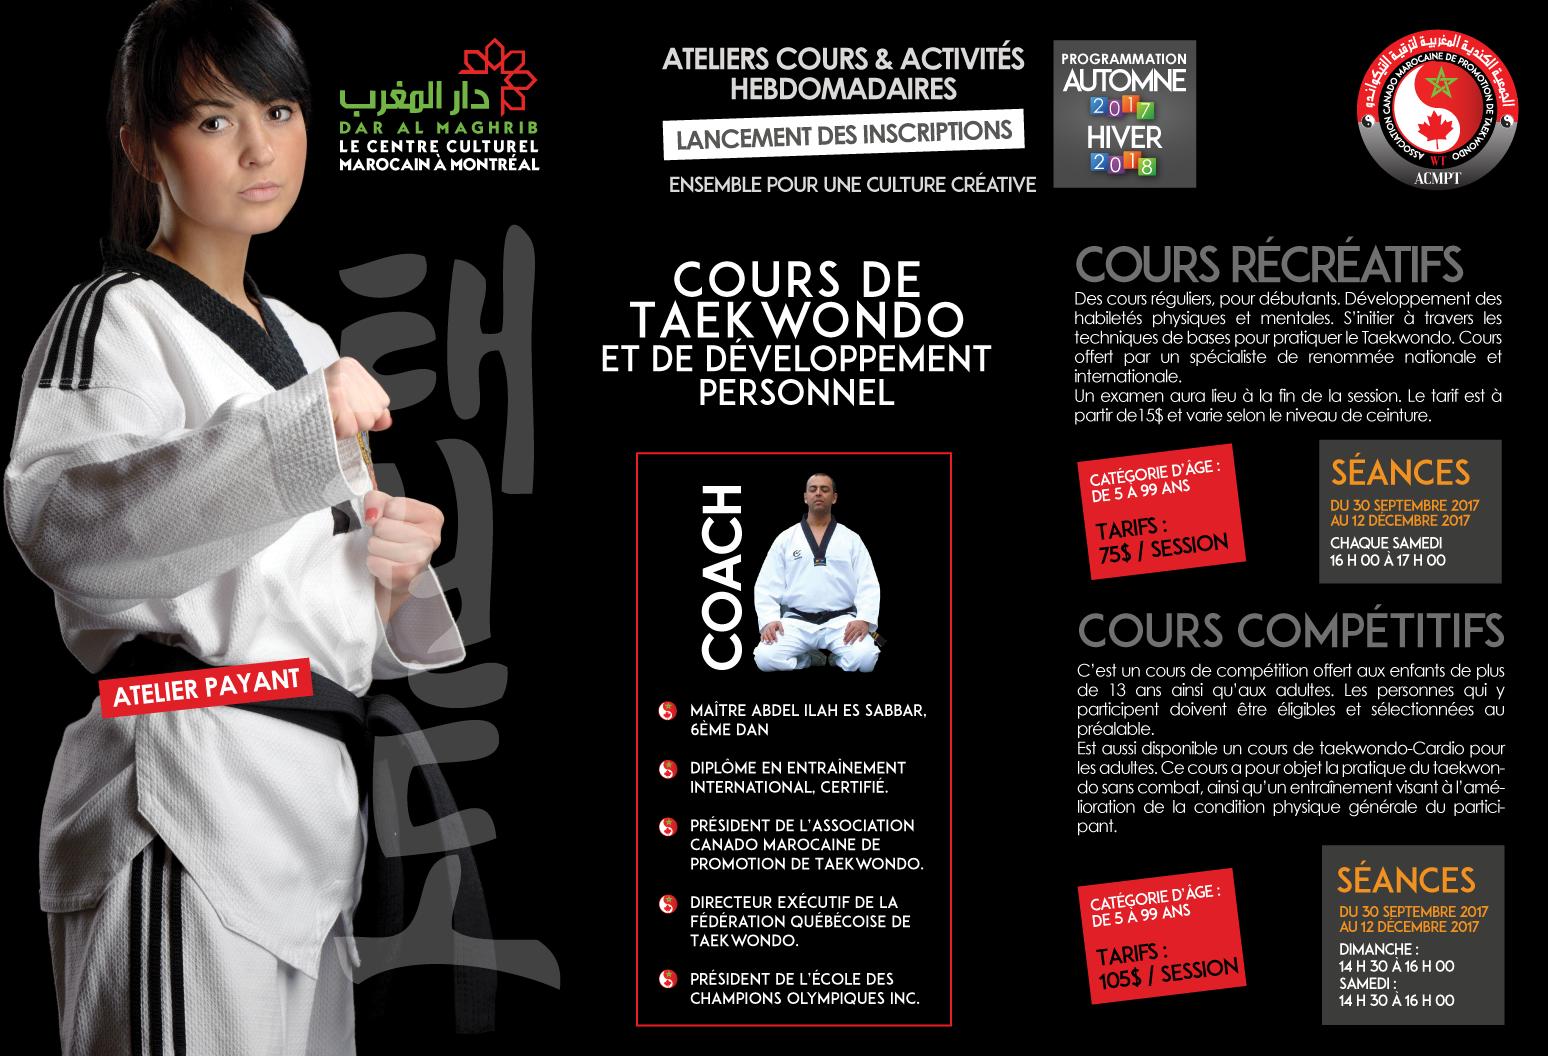 Cours de développement personnel Taekwondo Automne 2018